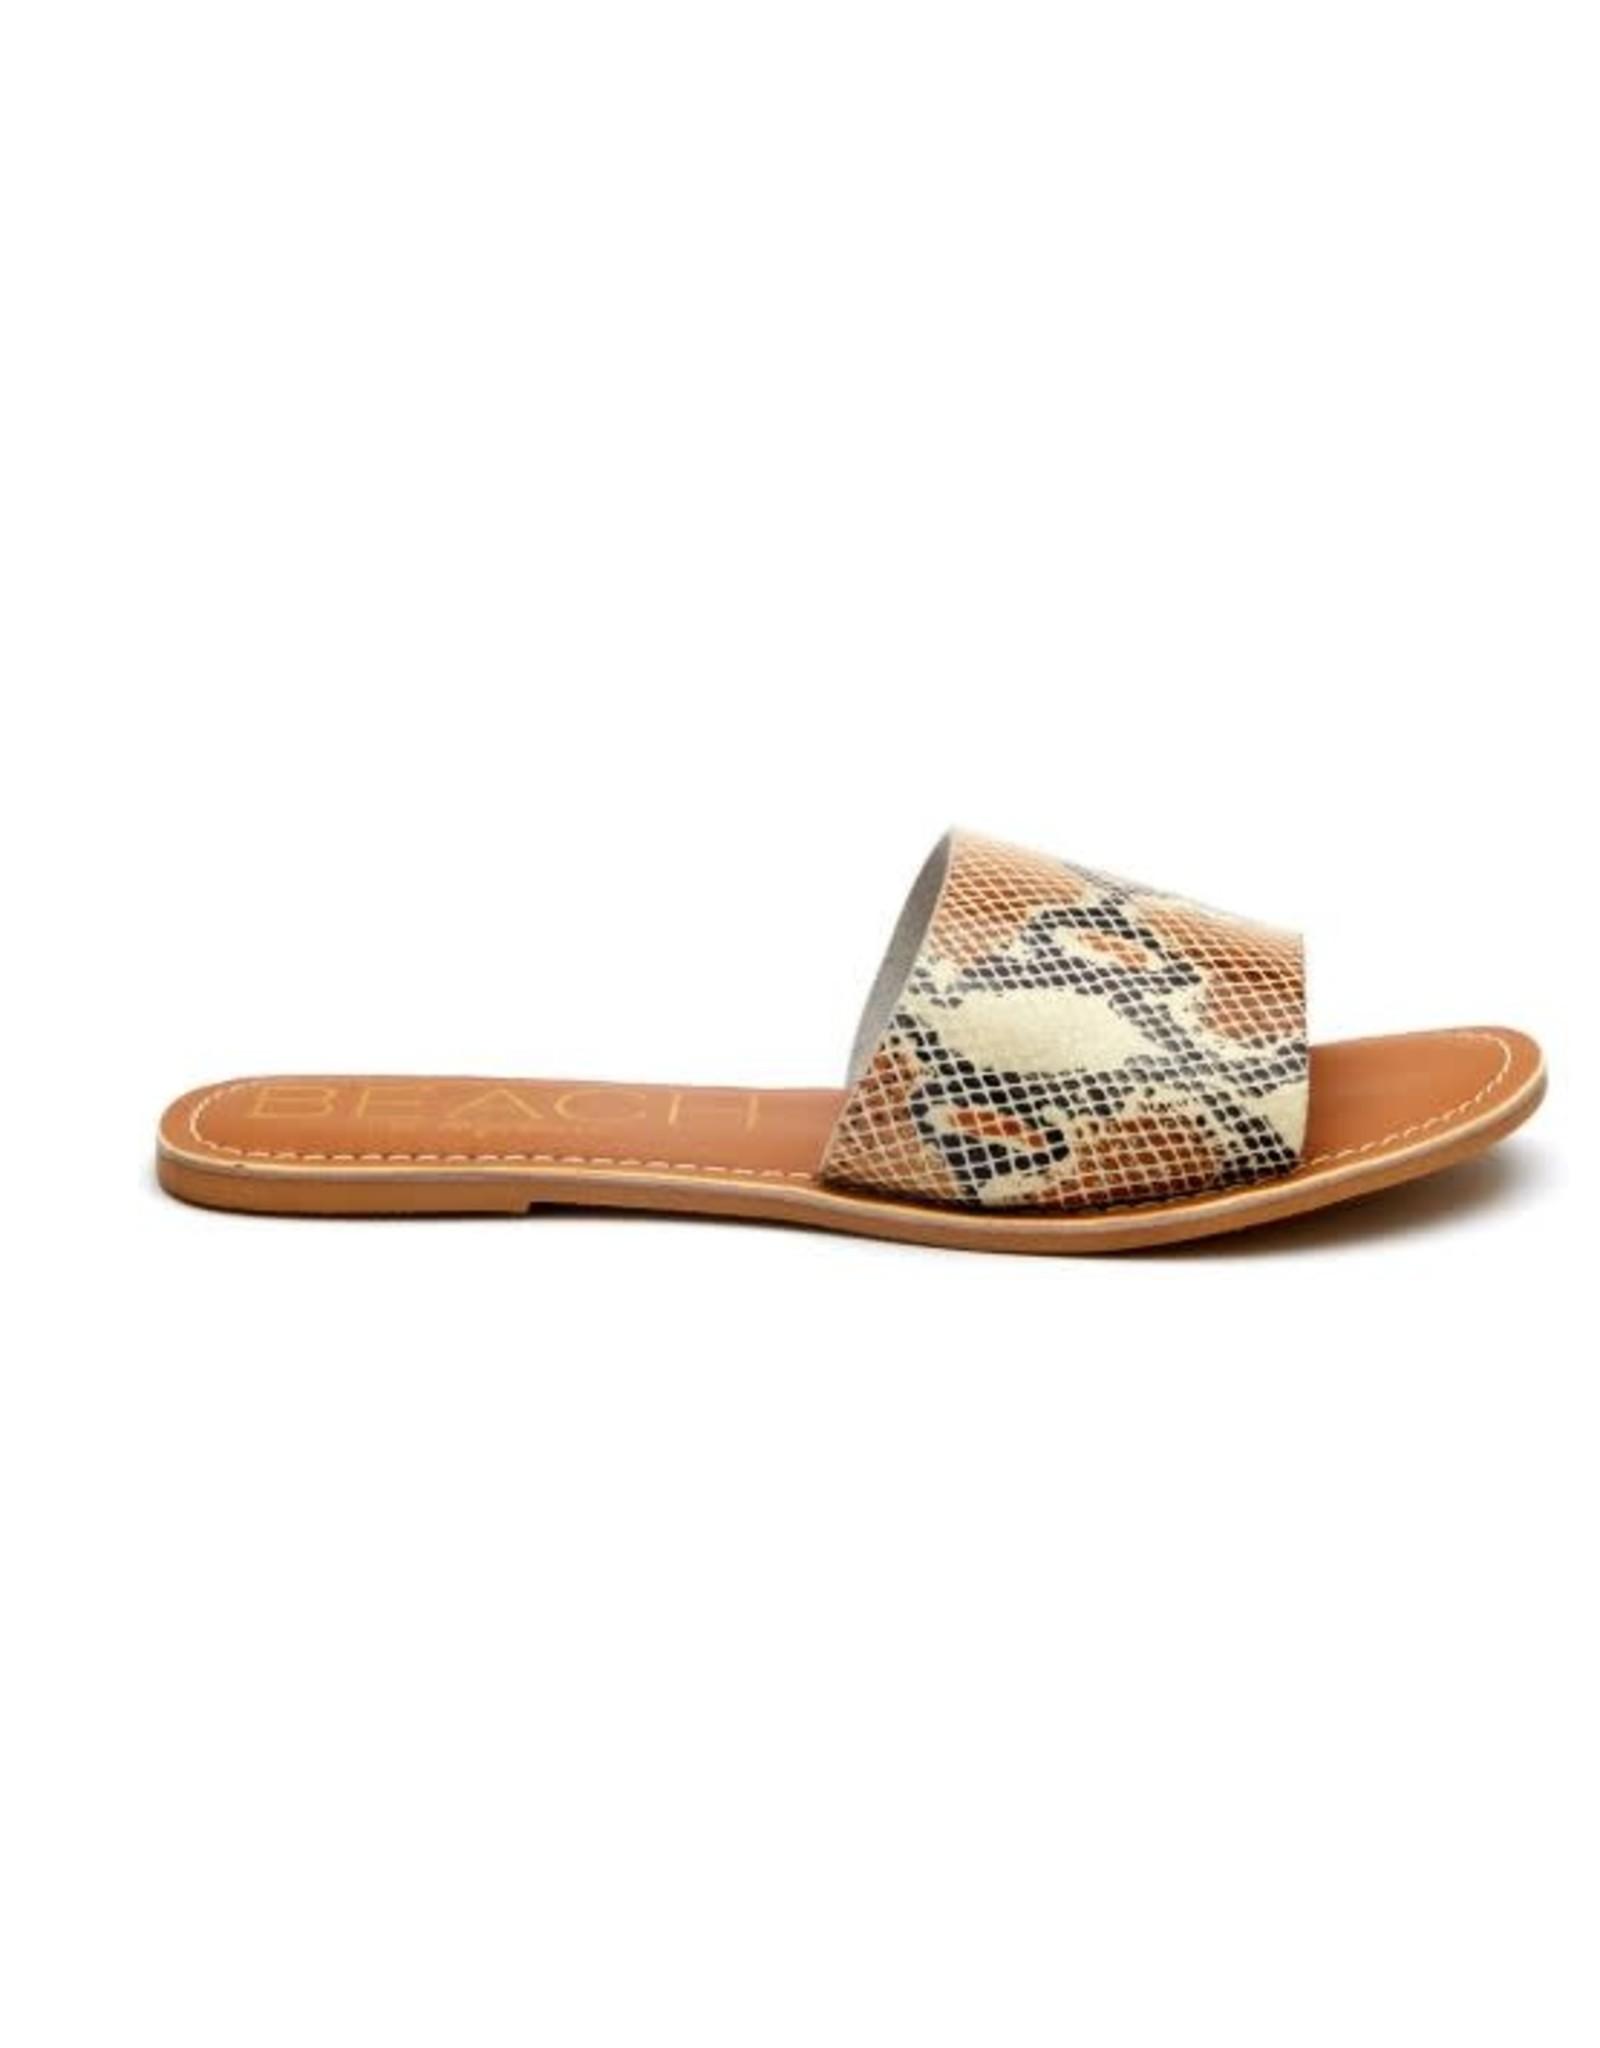 Matisse Footwear Cabana-White